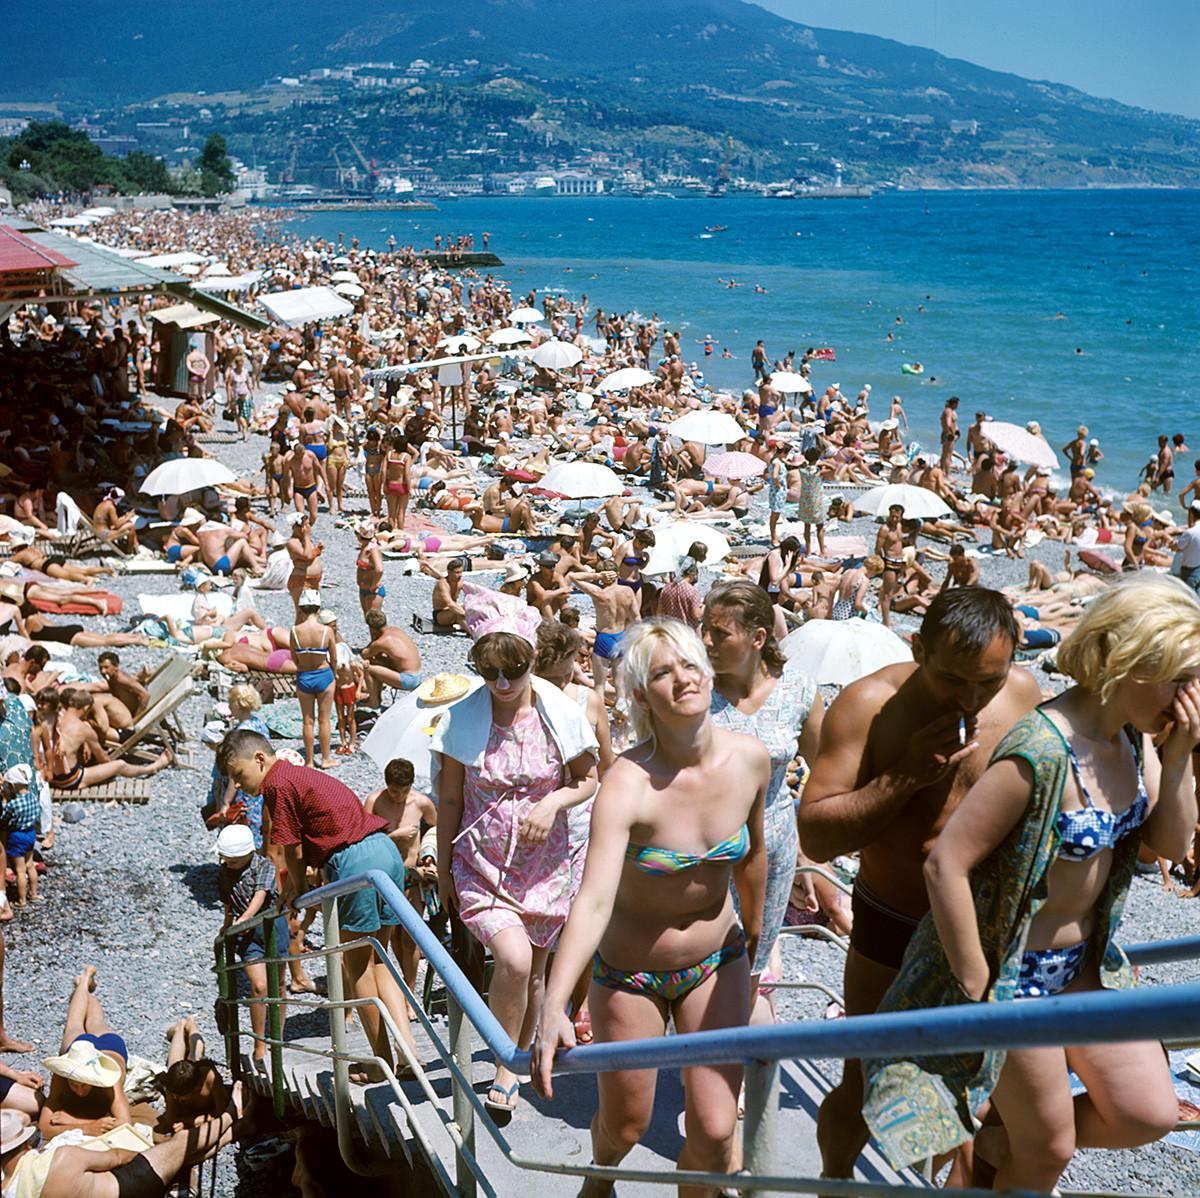 Градска плажа, Јалта, 1969.